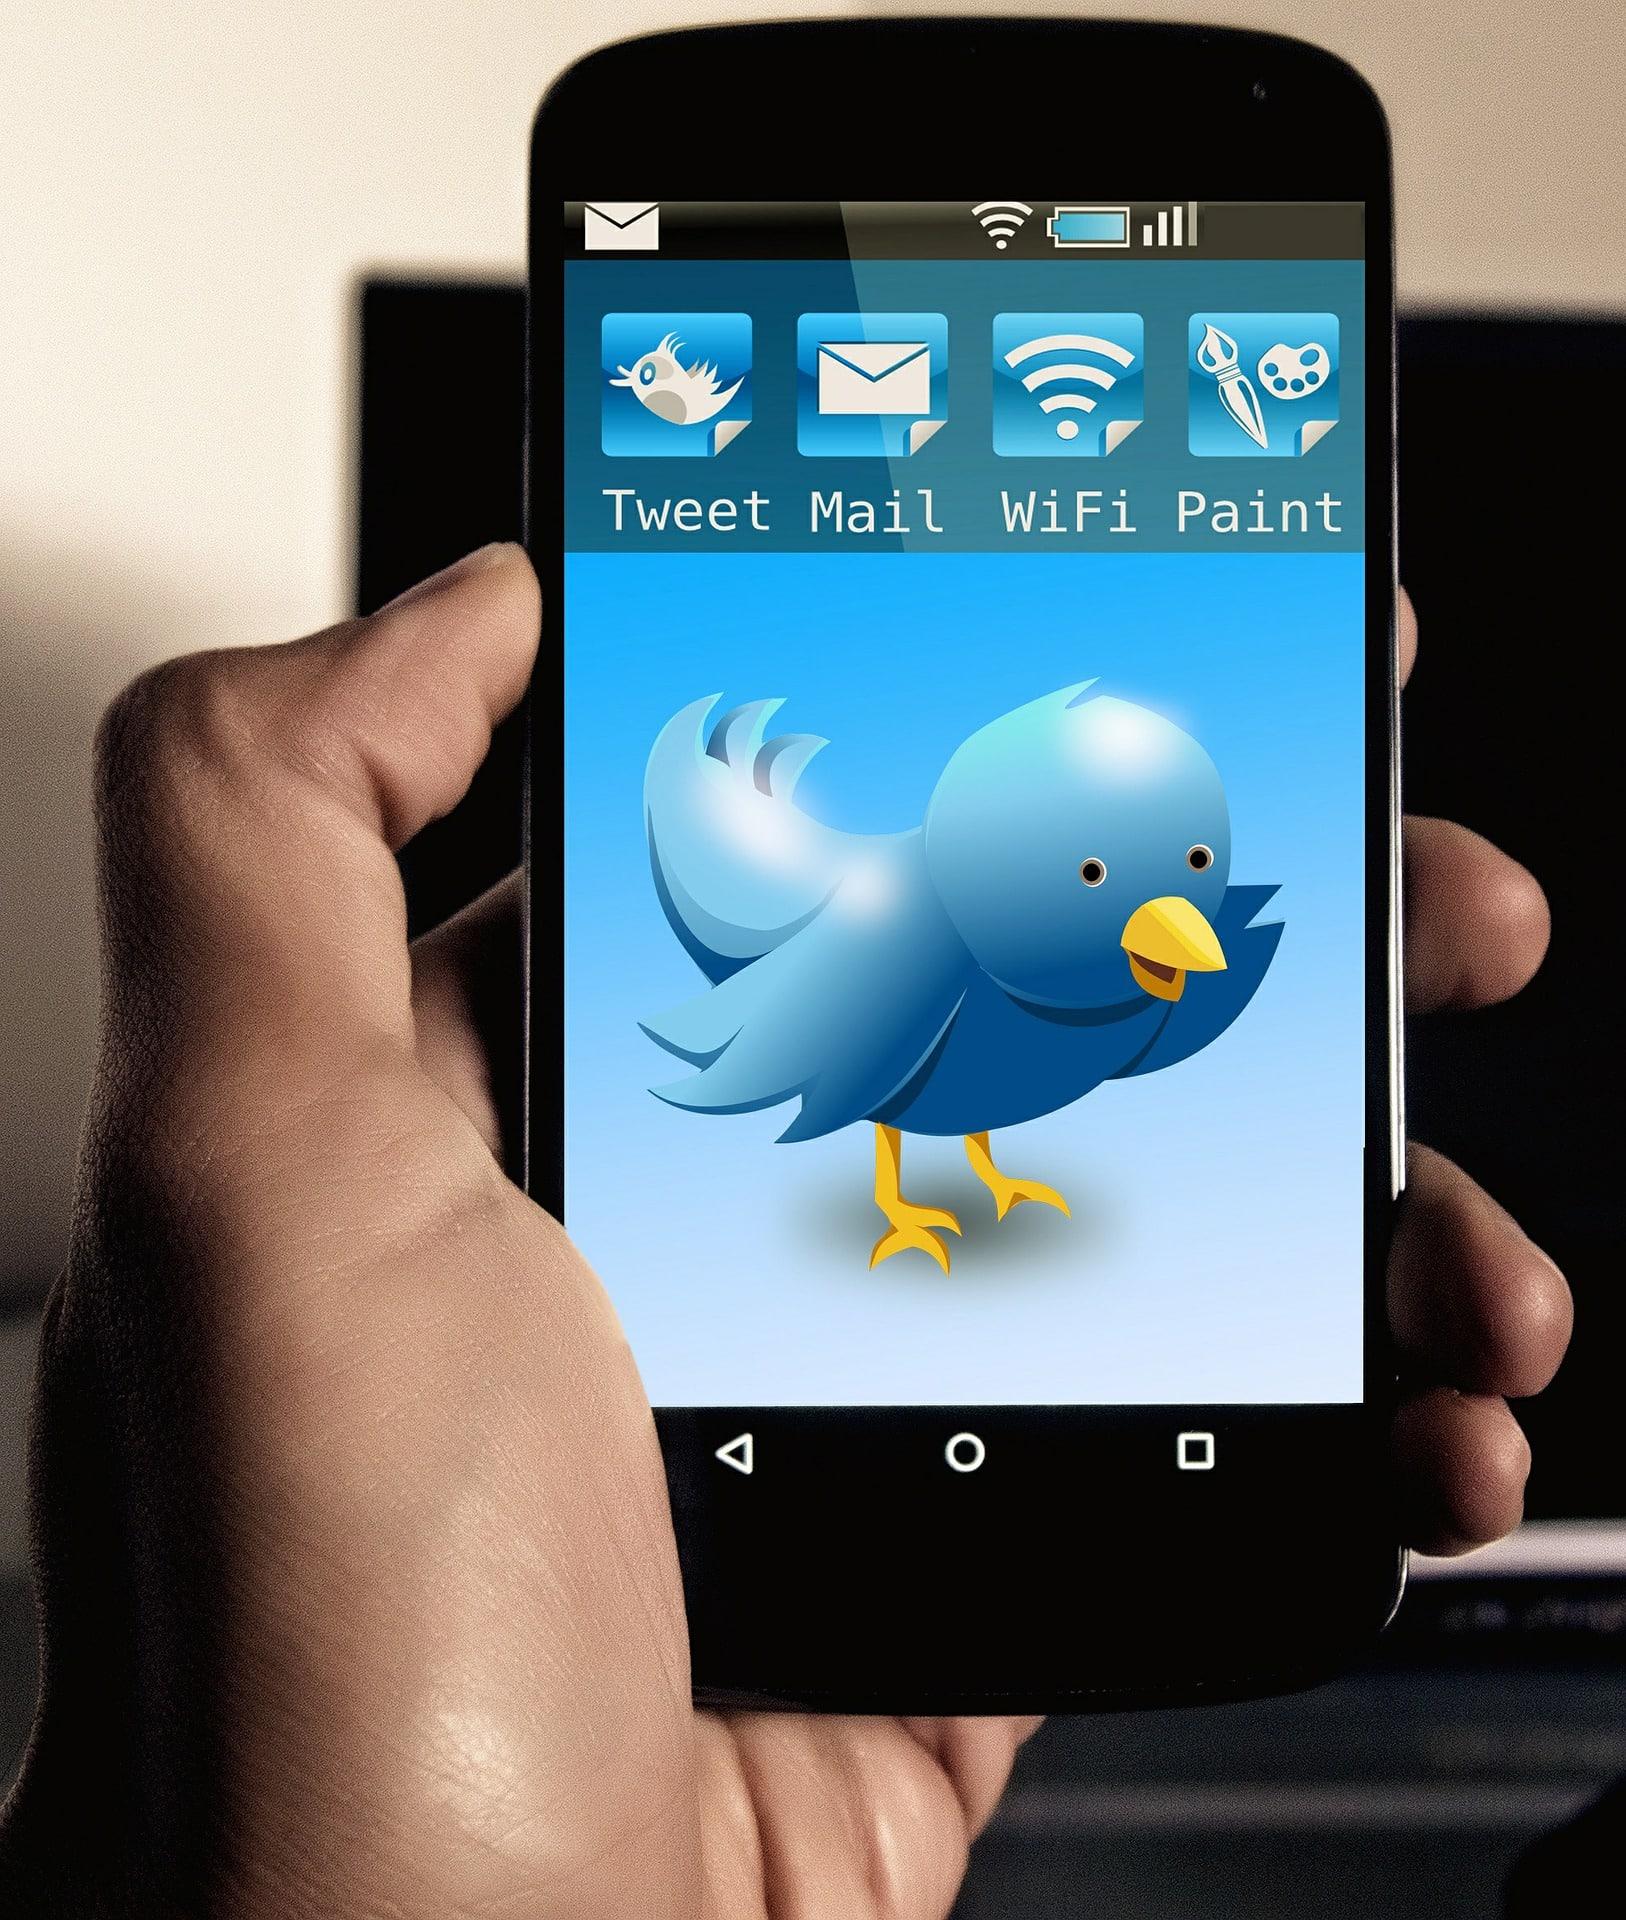 Gagner de l'argent en twittant : Comment faire ?